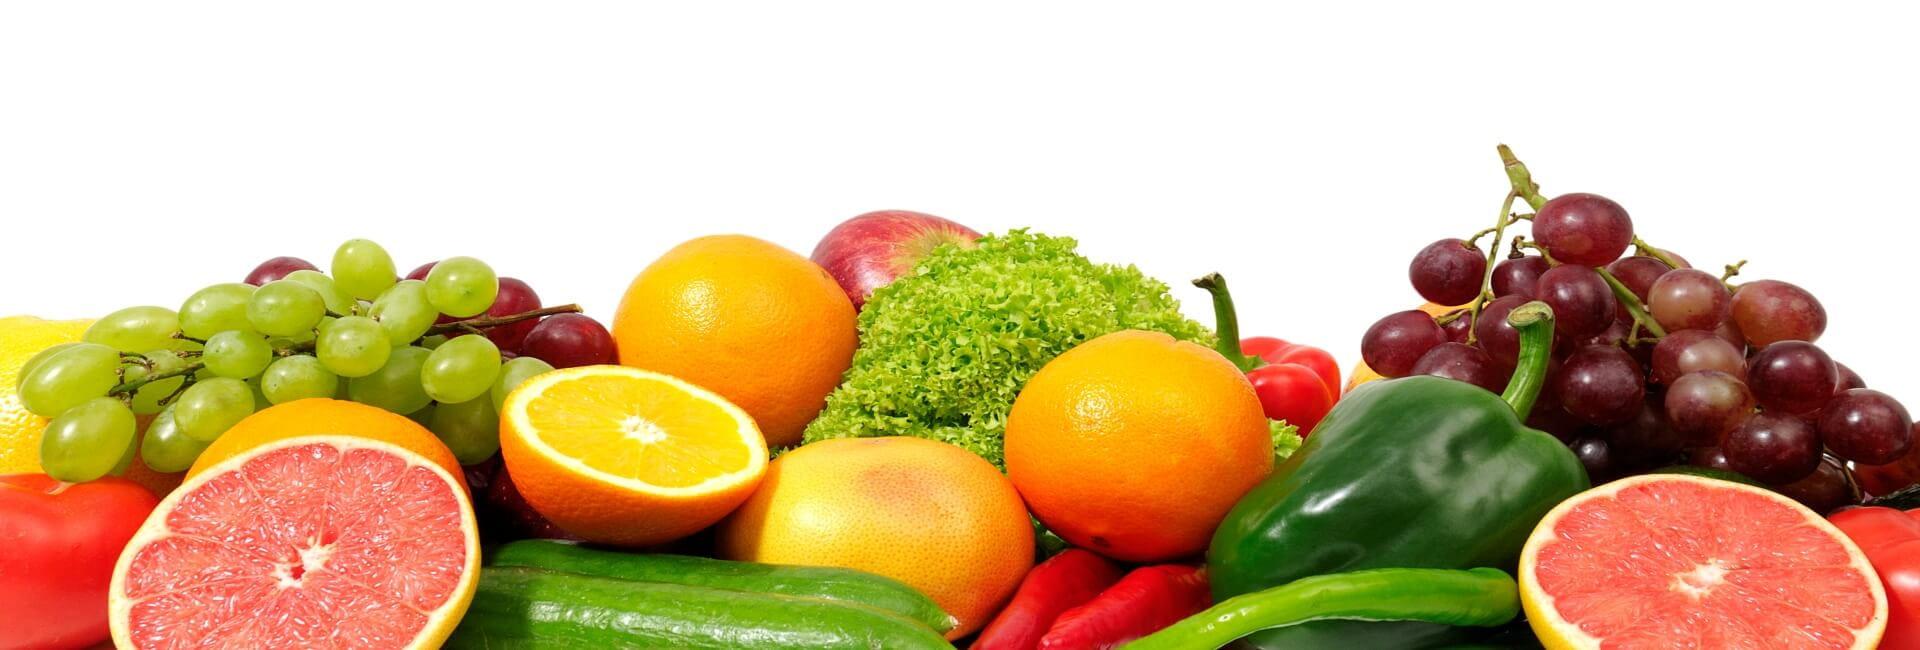 mikronaehrstoffe vitamine mineralien spurenelemente